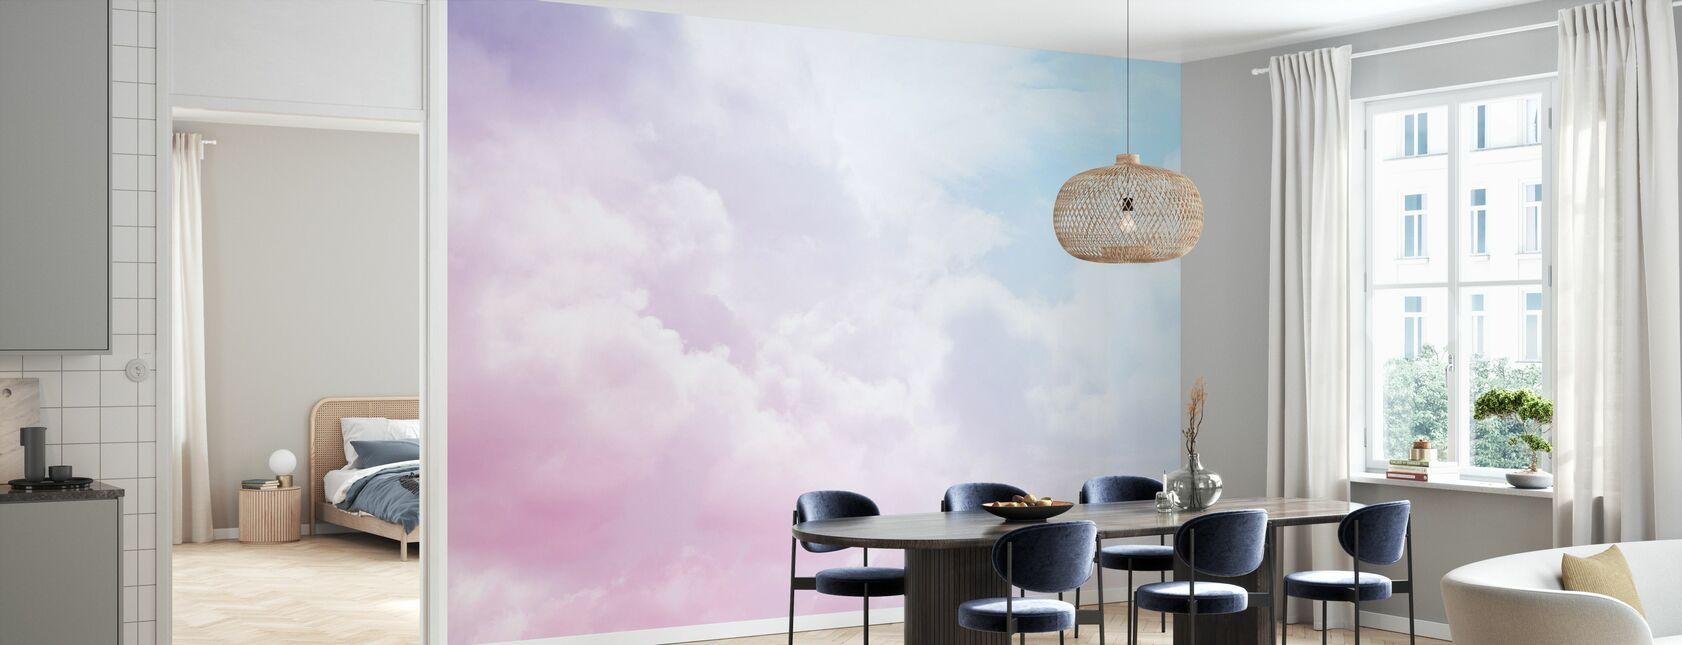 Overskyet himmel - Tapet - Kjøkken